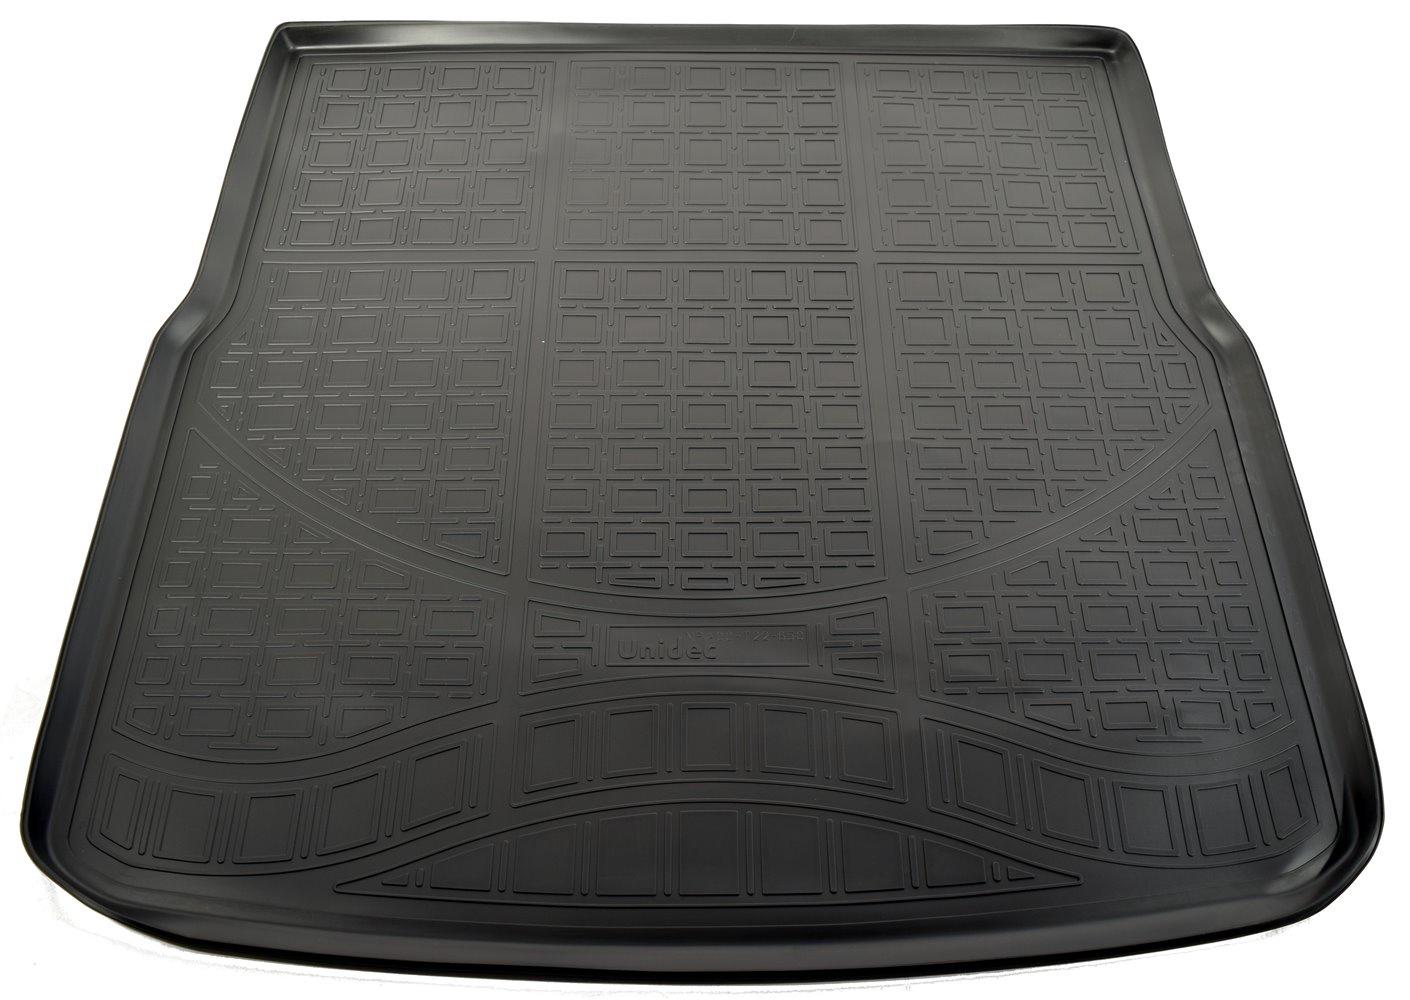 Коврик багажника Norplast для Ford Ecosport (2014-), npa00-t22-060 цена и фото